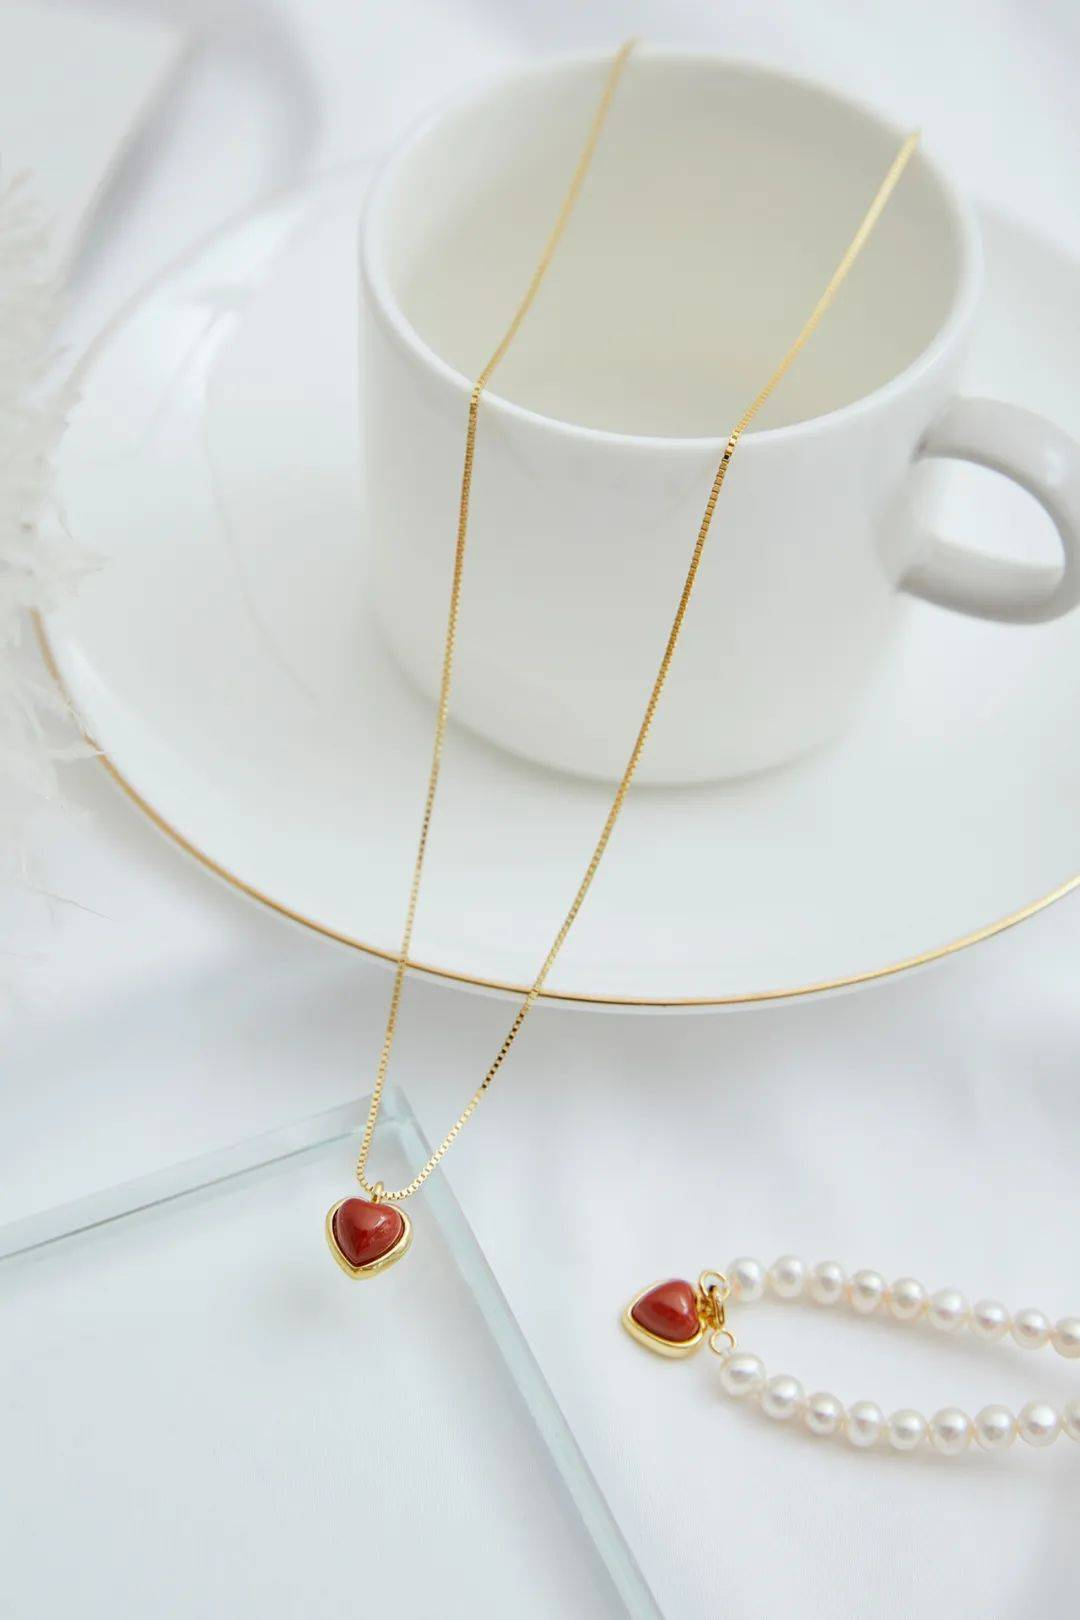 原创             夏天就要戴珍珠!这20款高级百搭又超值,送妈妈自用都好看